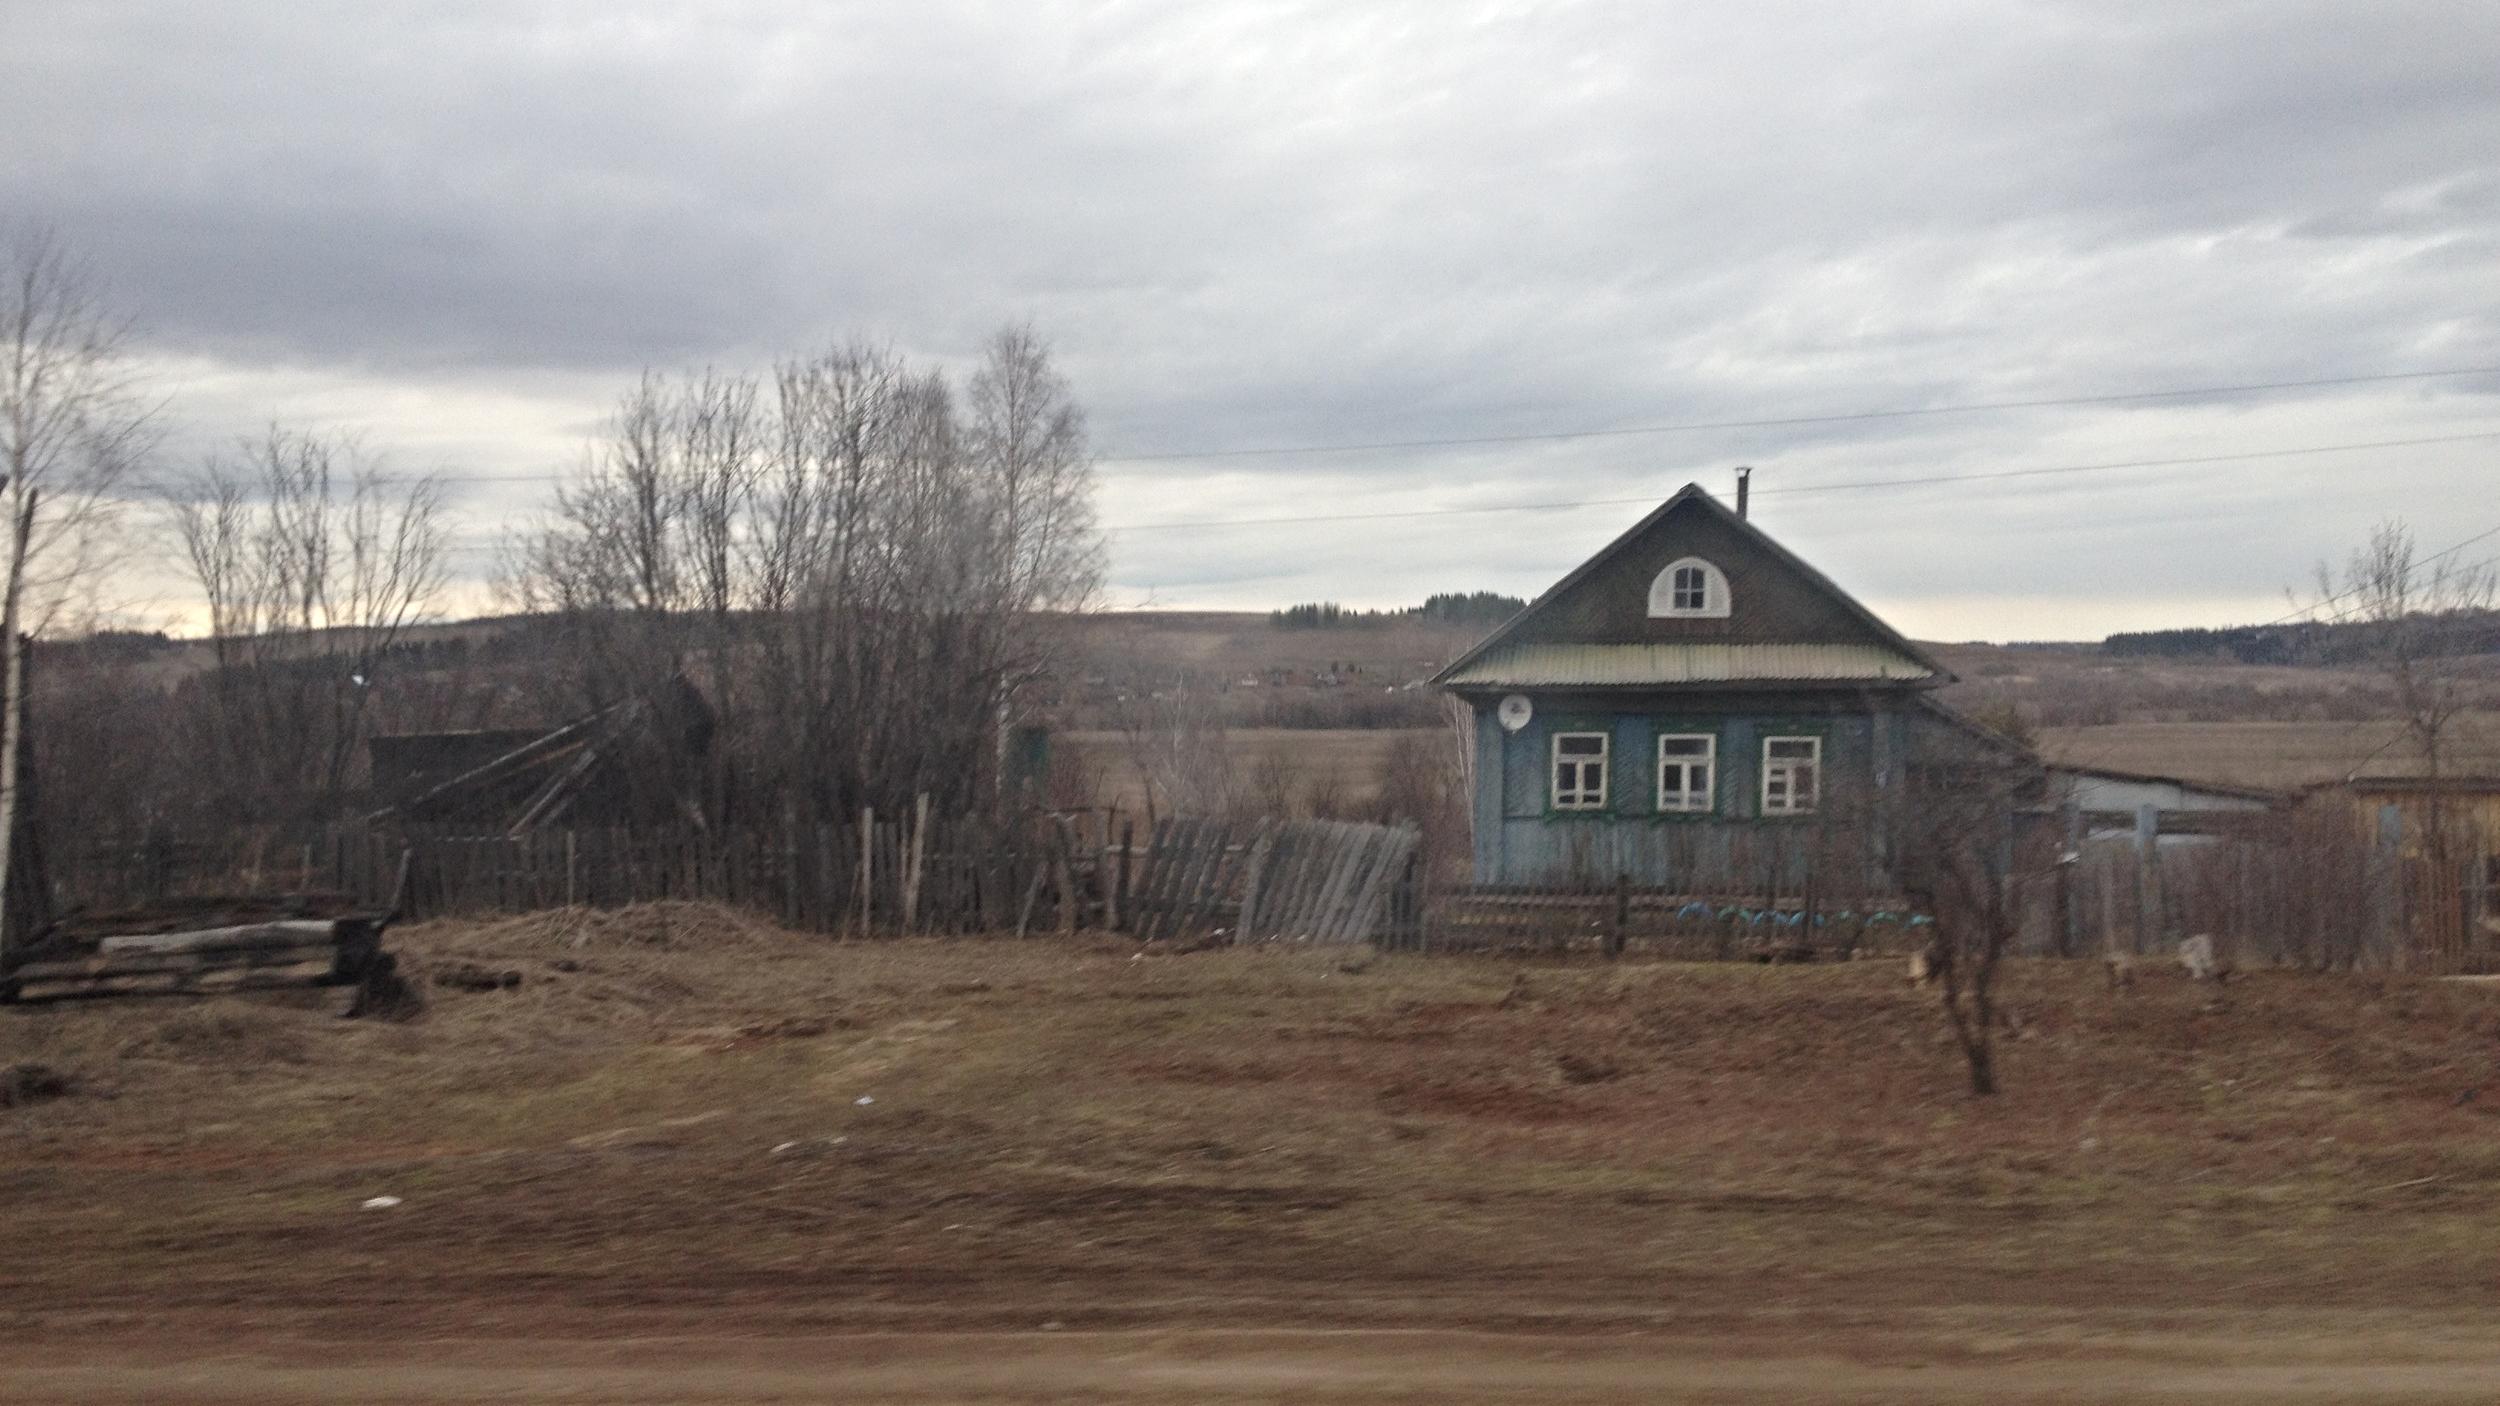 Depuis le train, le paysage défile à une allure compatible avec l'idée du voyage. Région de Perm, avril 2014. © c.lovey